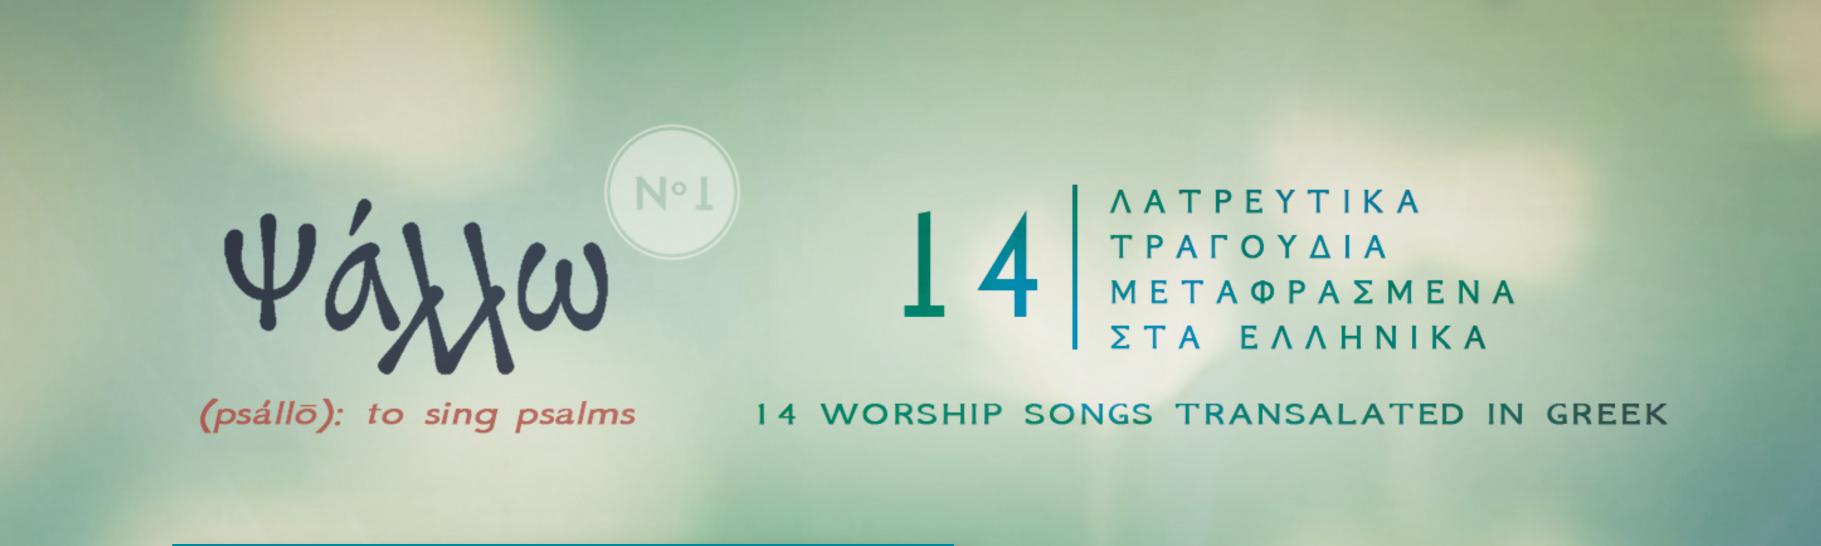 ΨΑΛΛΩ: 14 Λατρευτικά Τραγούδια Μεταφρασμένα Στα Ελληνικά